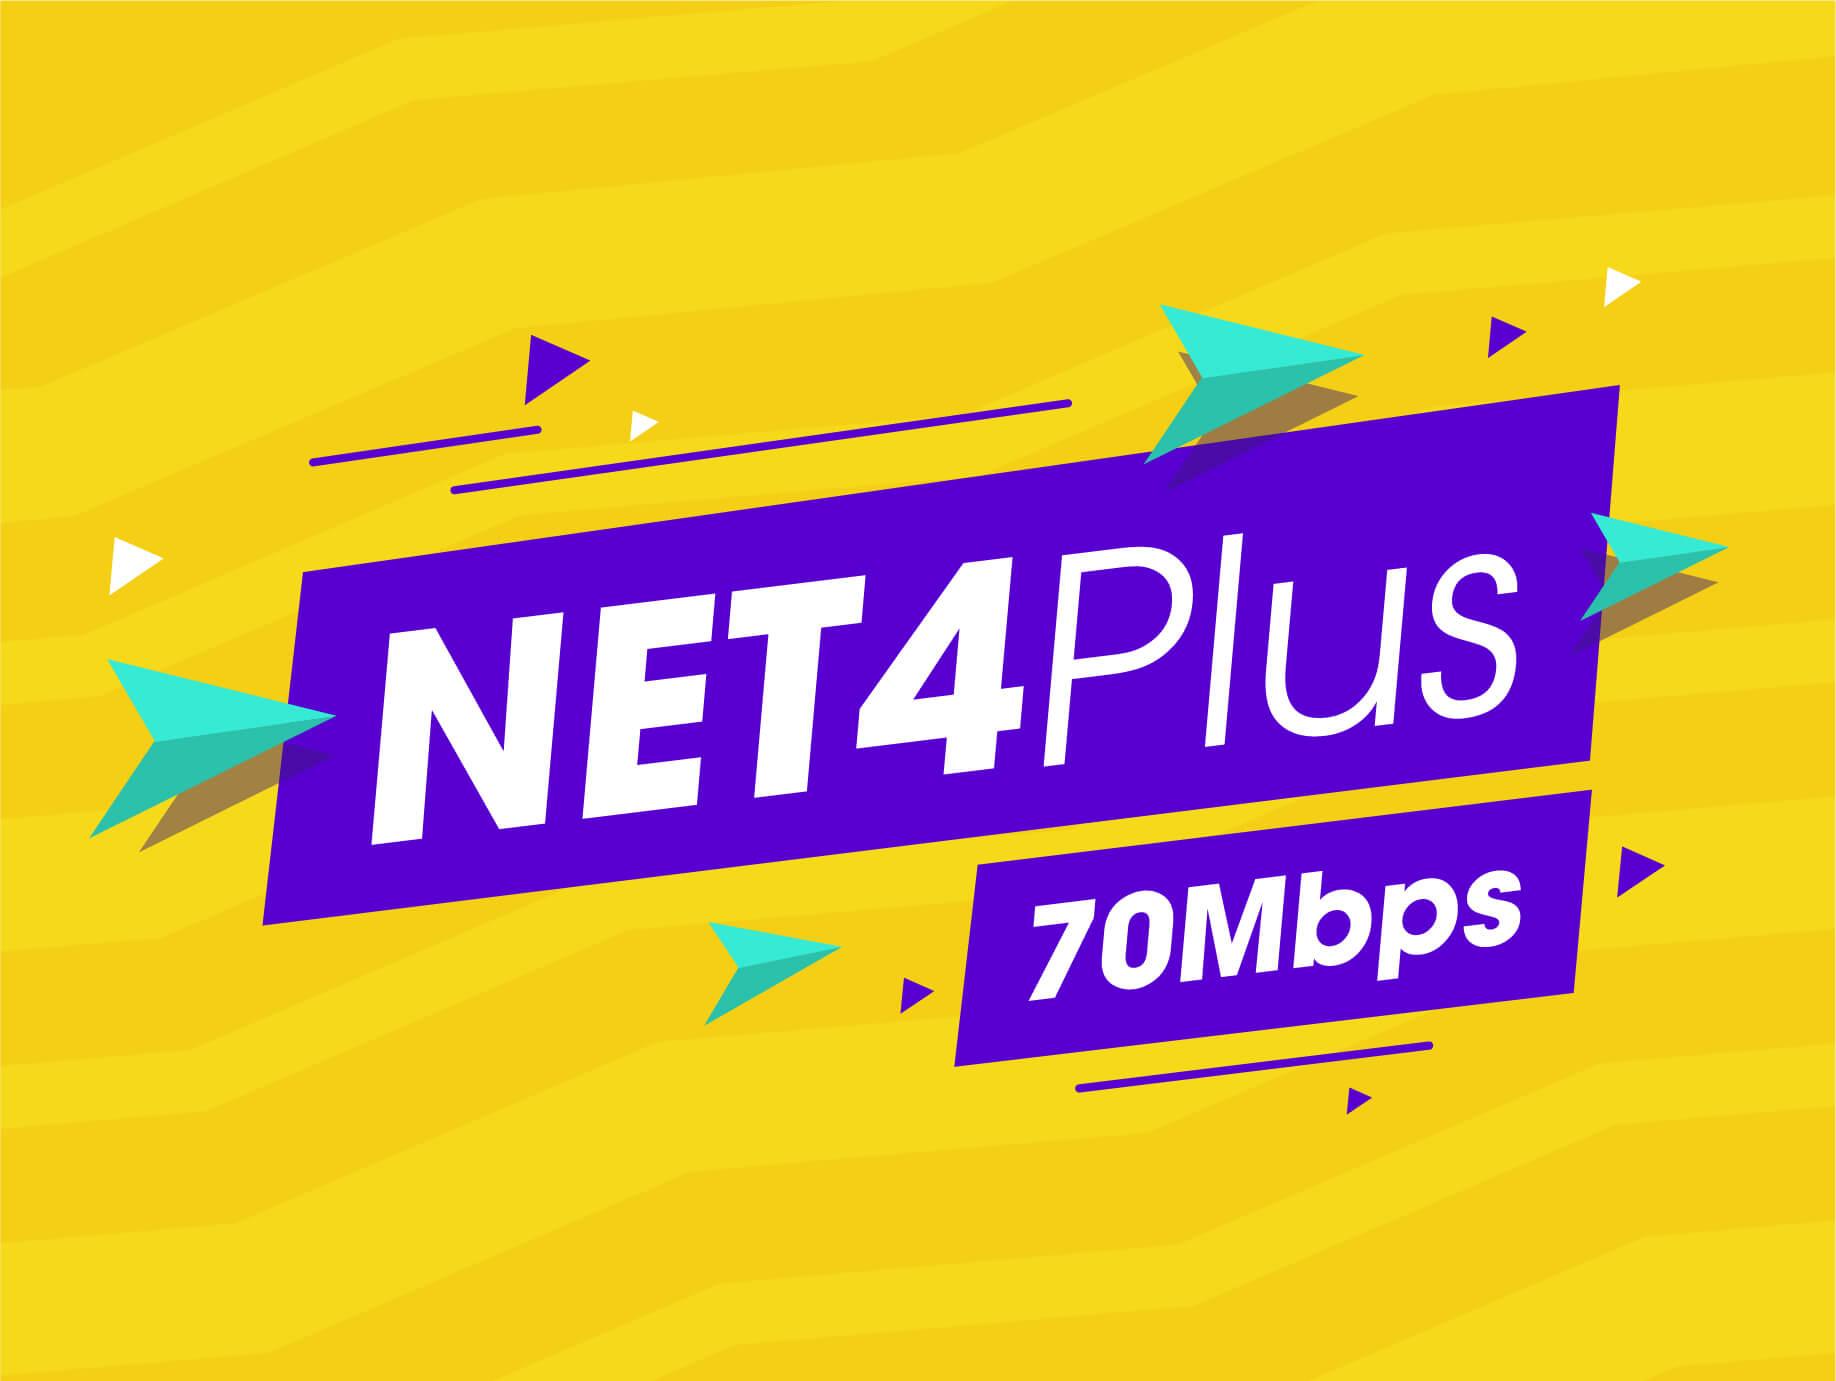 Net 4 Plus Viettel | Gói cước được các hộ gia đình ưa thích sử dụng